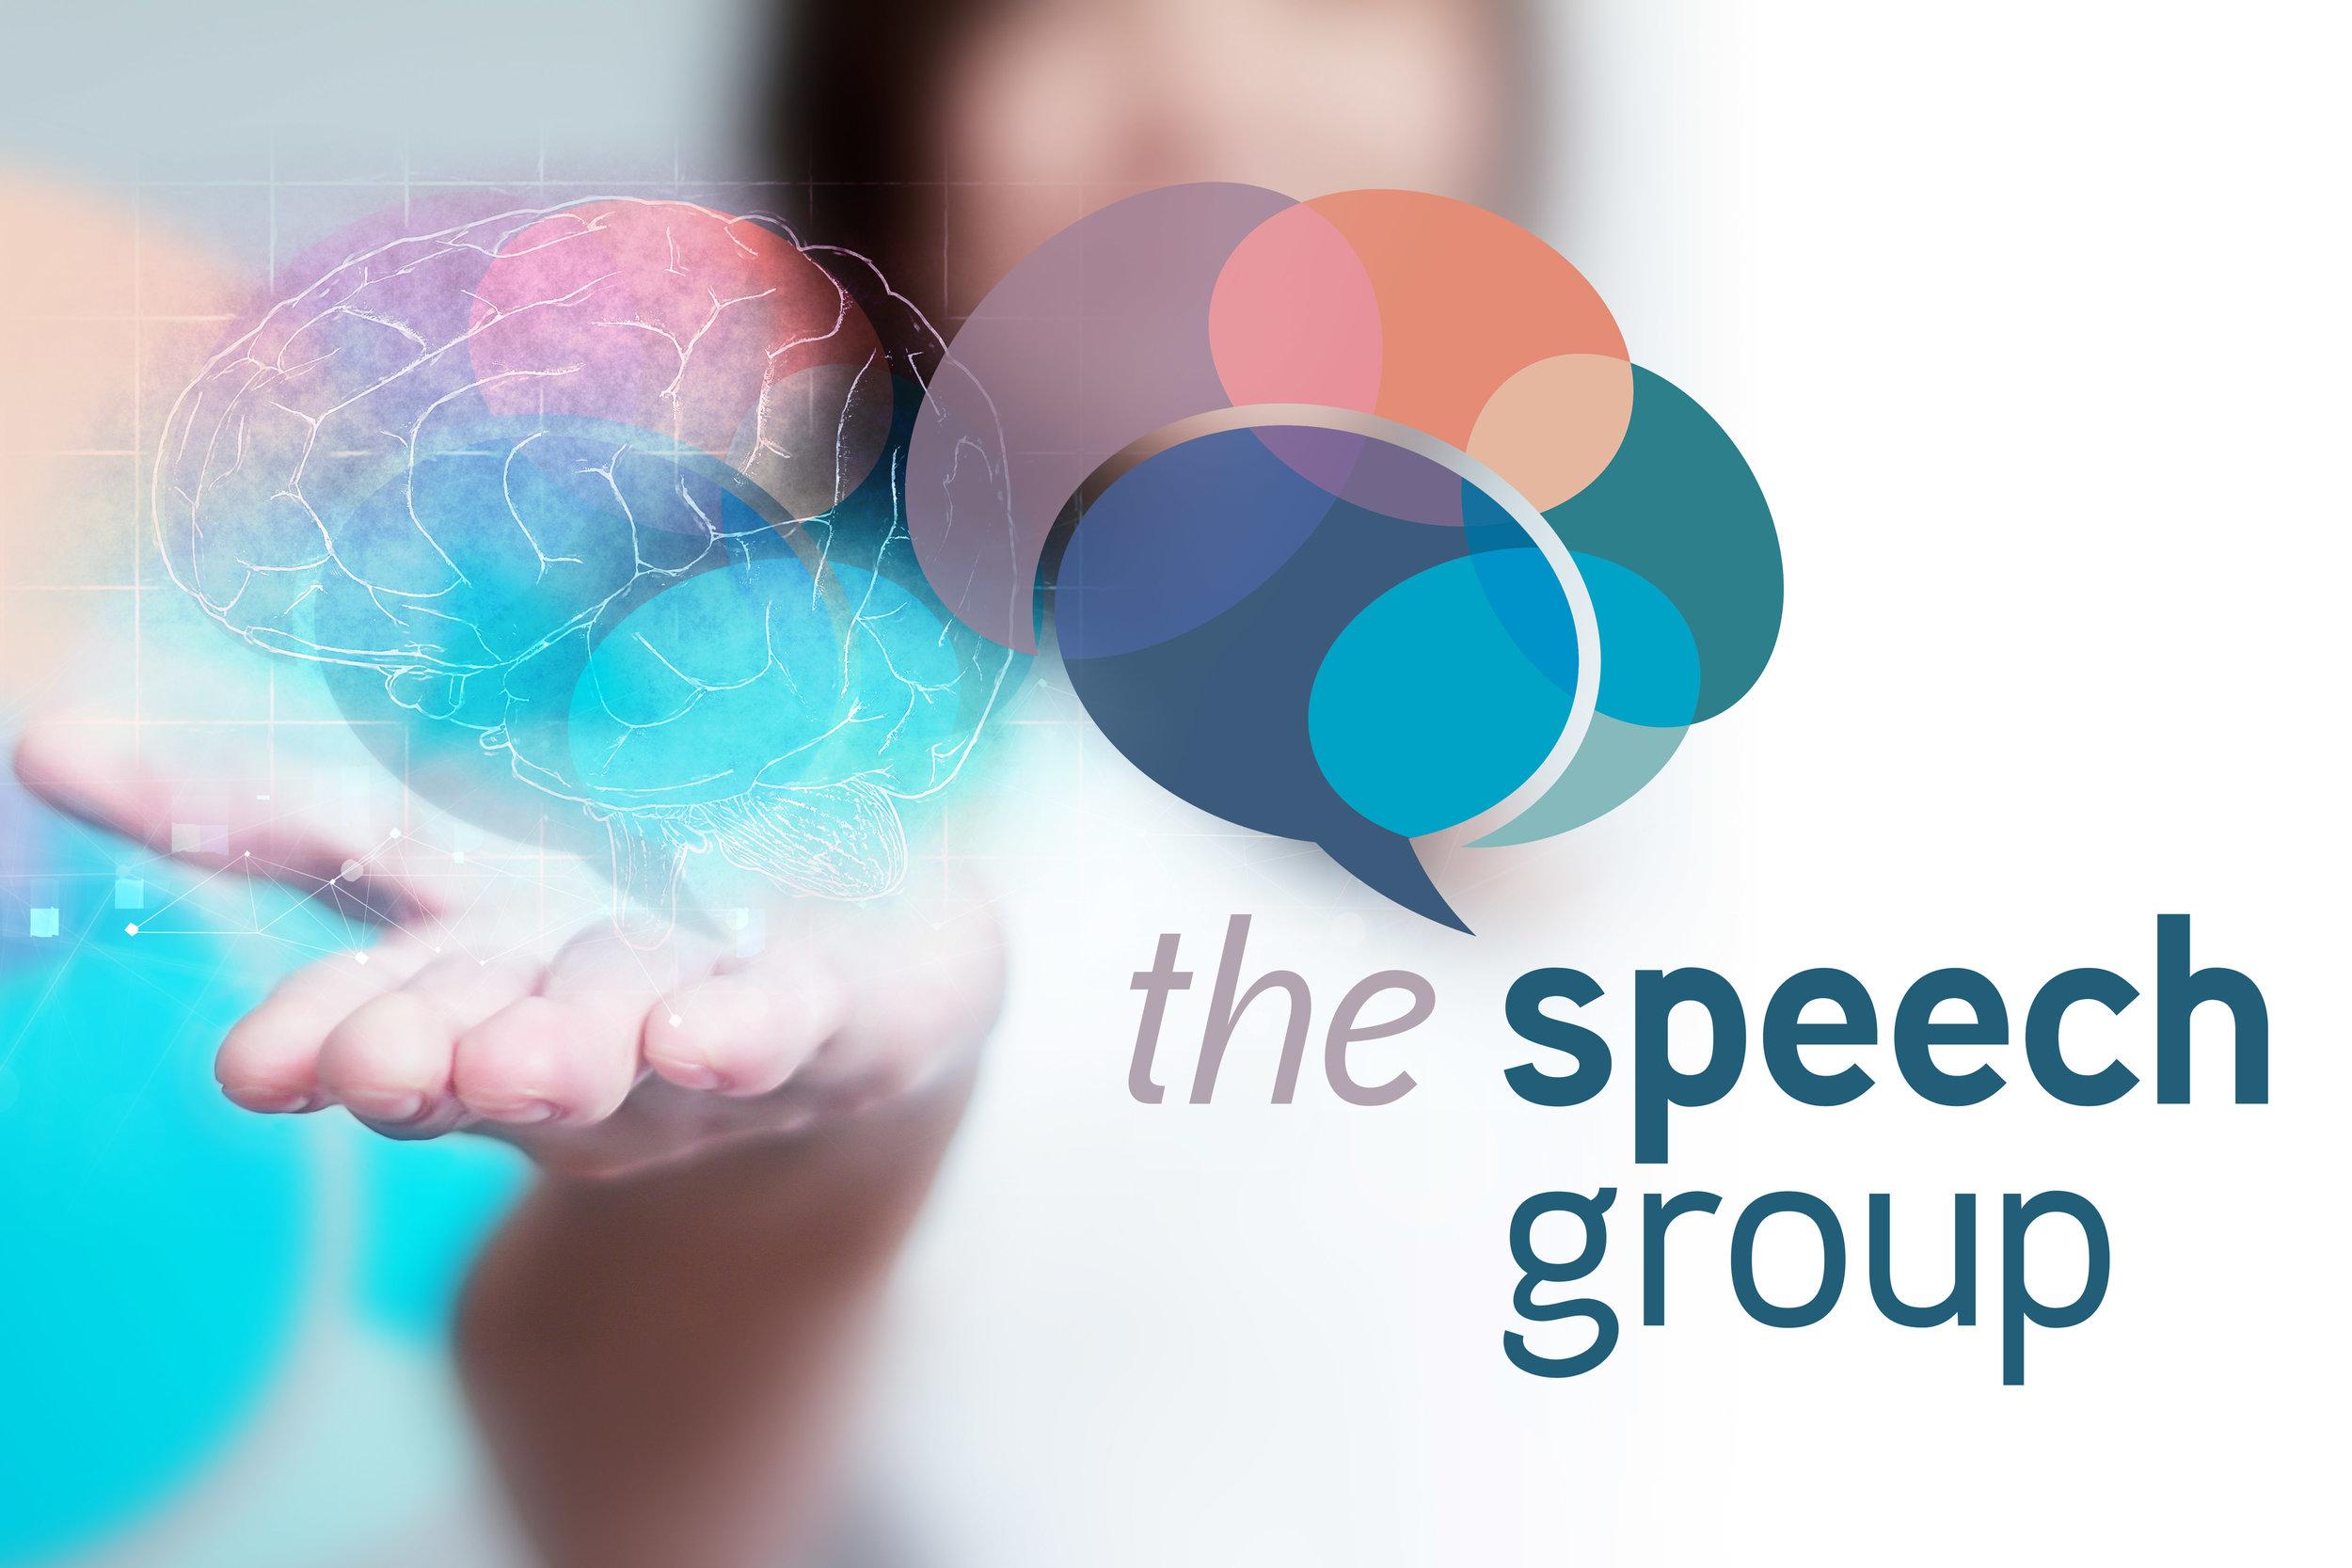 thespeechgroup.jpg